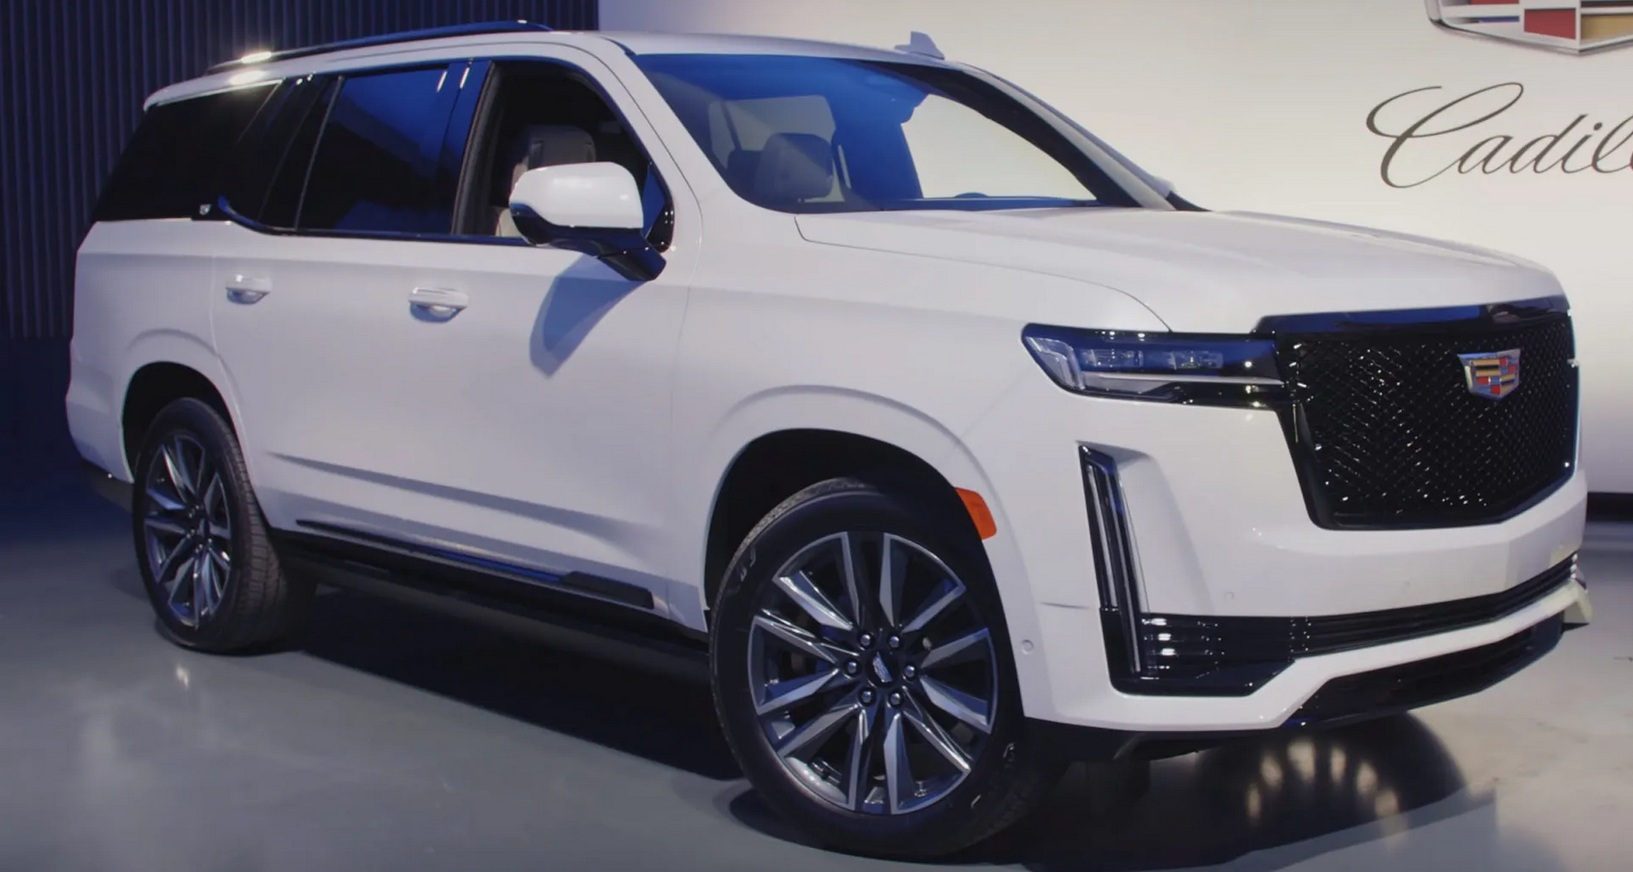 Новый Cadillac Escalade 2021: живые фото и обзор большого внедорожника